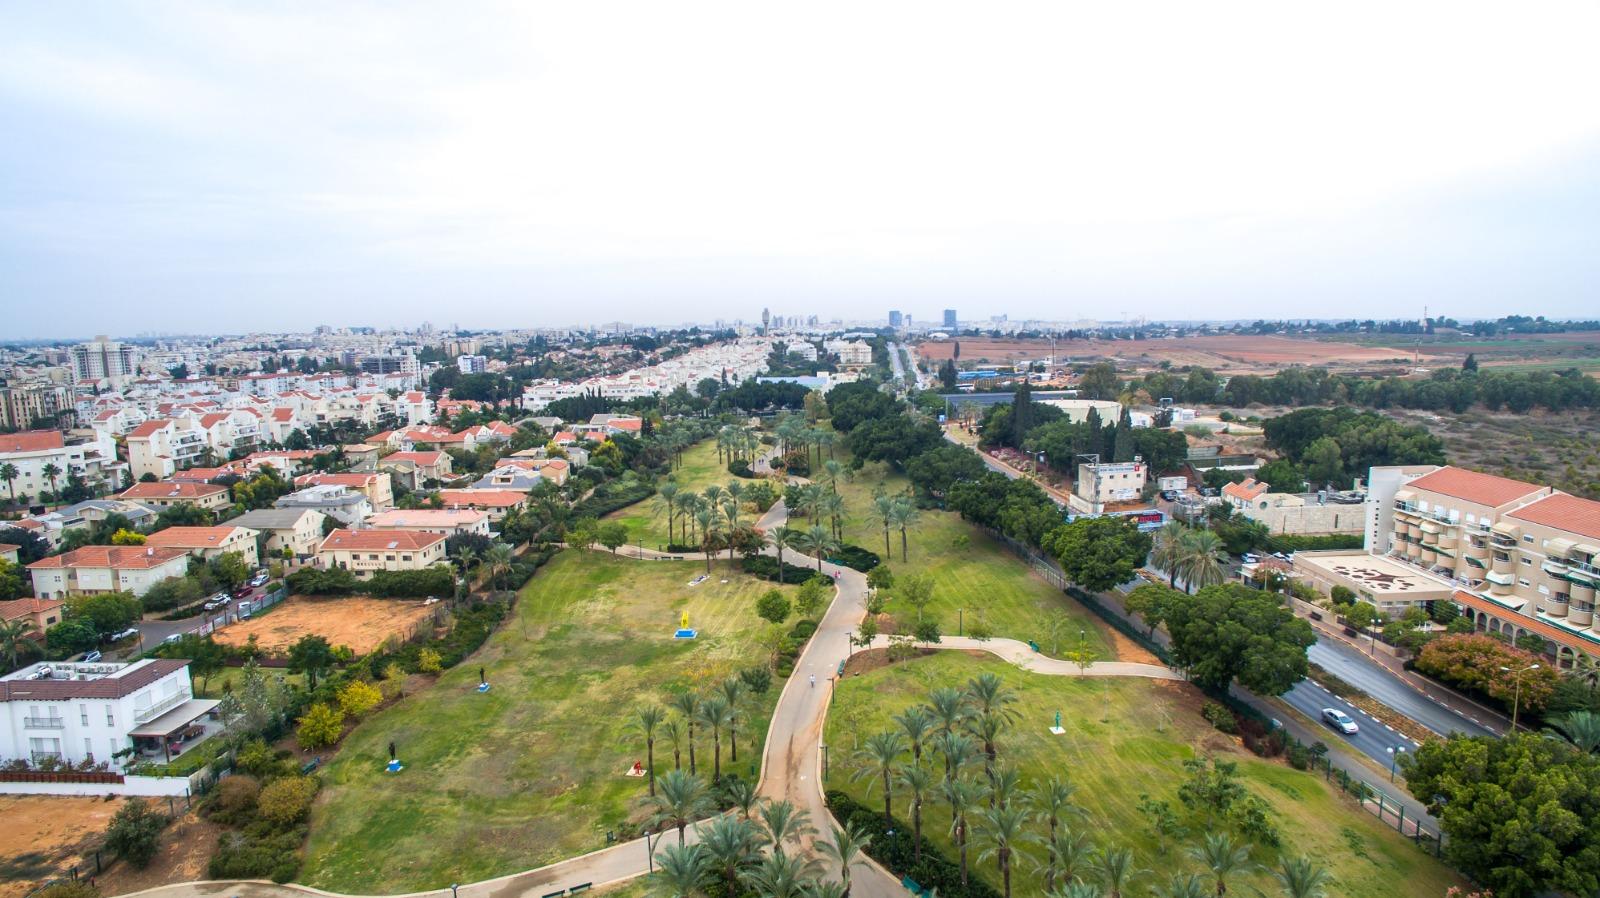 כפר סבא מובילה ברוב מדדי איכות החיים בארץ: הכי מרוצים לגור בעיר, הכי שבעי רצון מהניקיון ומהמצב הכלכלי וחיים הכי הרבה שנים